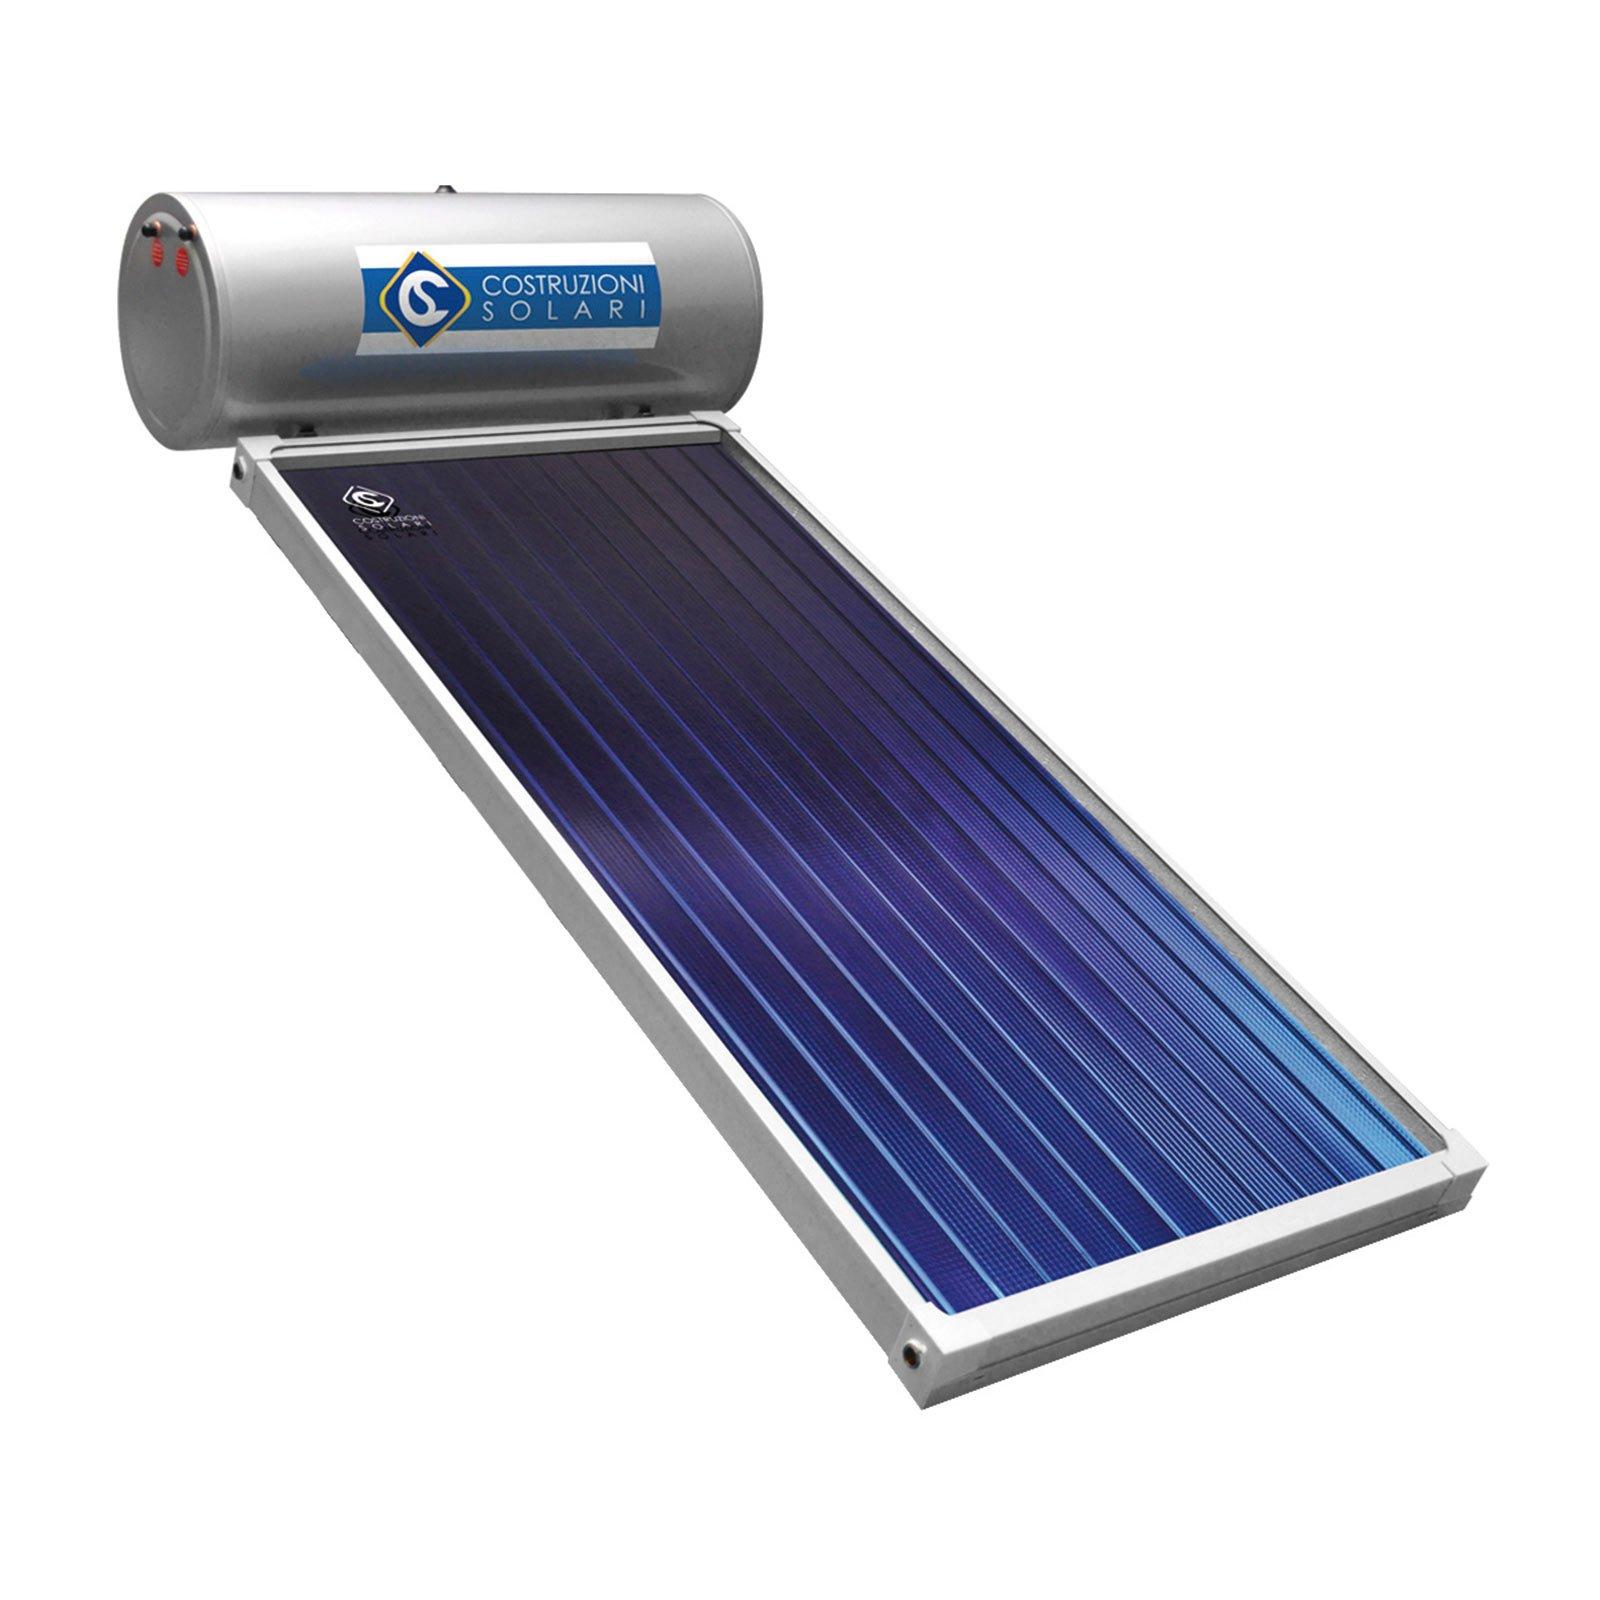 Pannello Solare A Rate : Risparmio e tutelo l ambiente da leroy merlin la festa